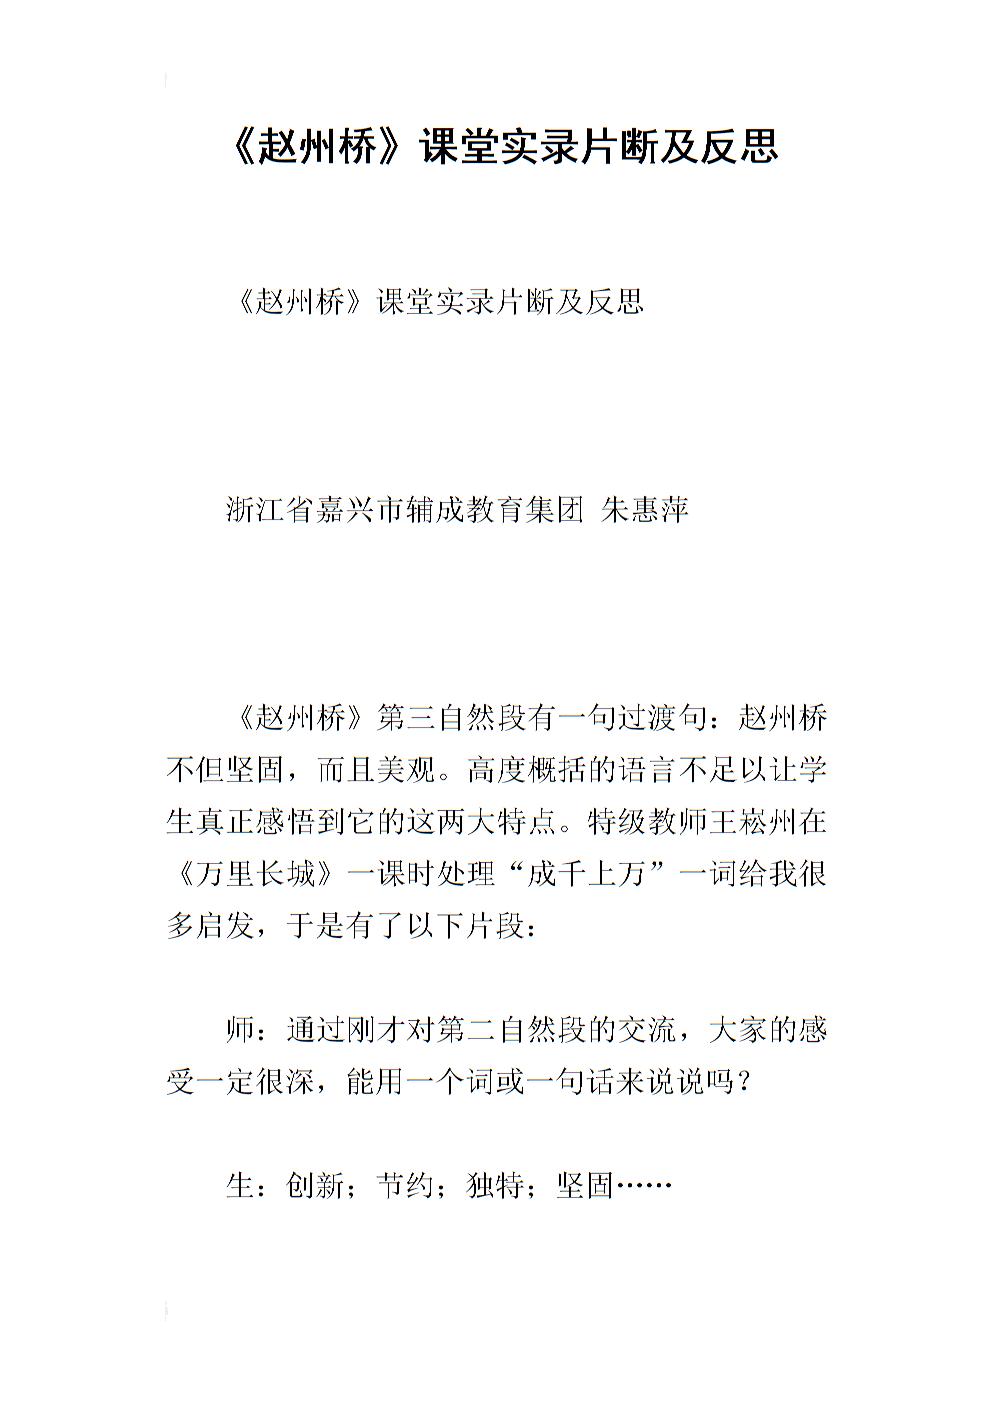 《赵州桥》课堂实录片断及反思_2.docx图片